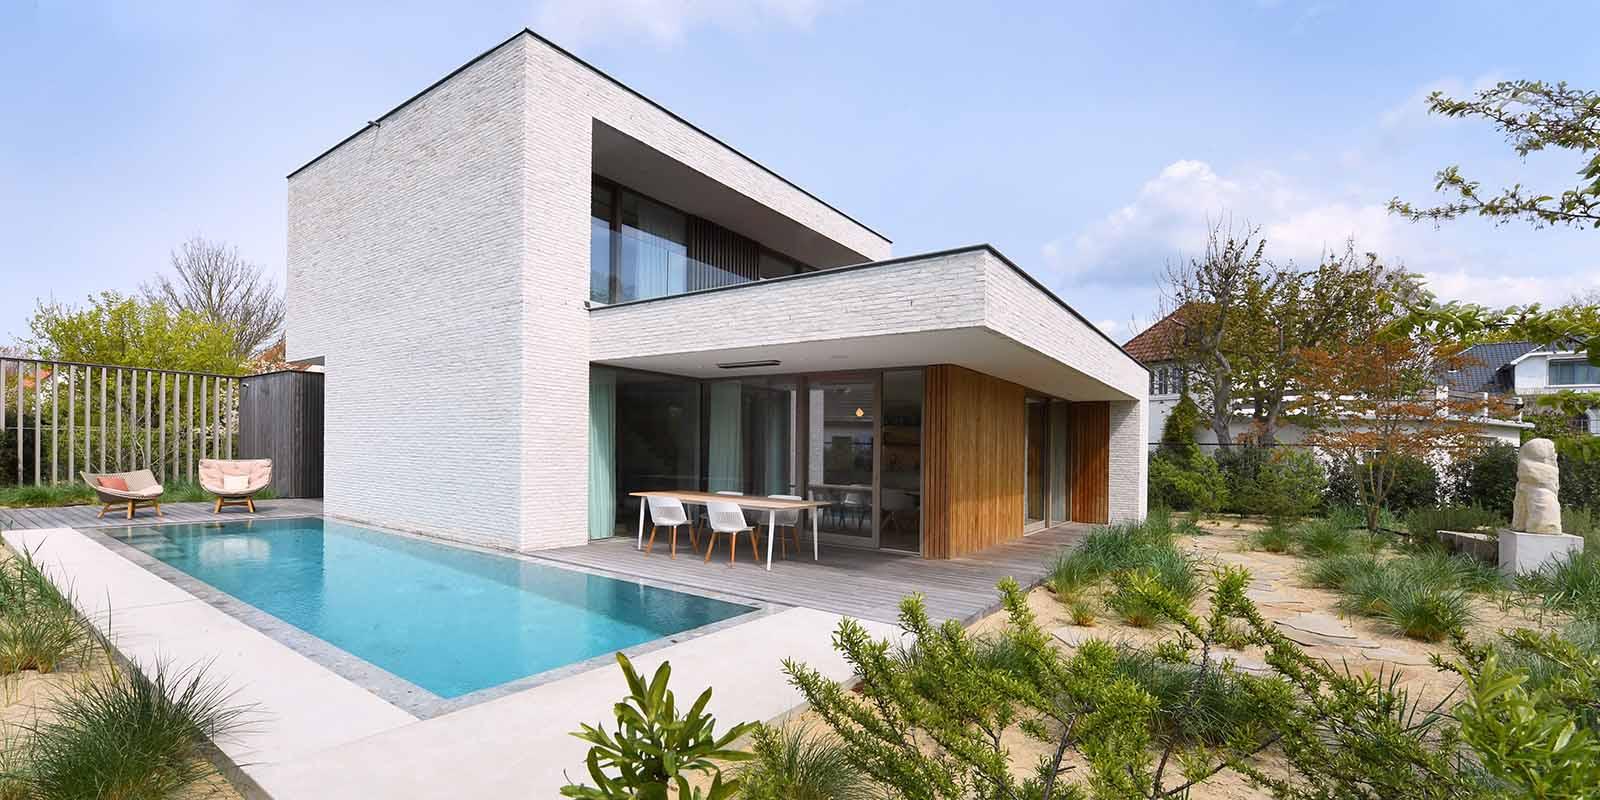 wonen aan zee | PVL Architecten, the art of living